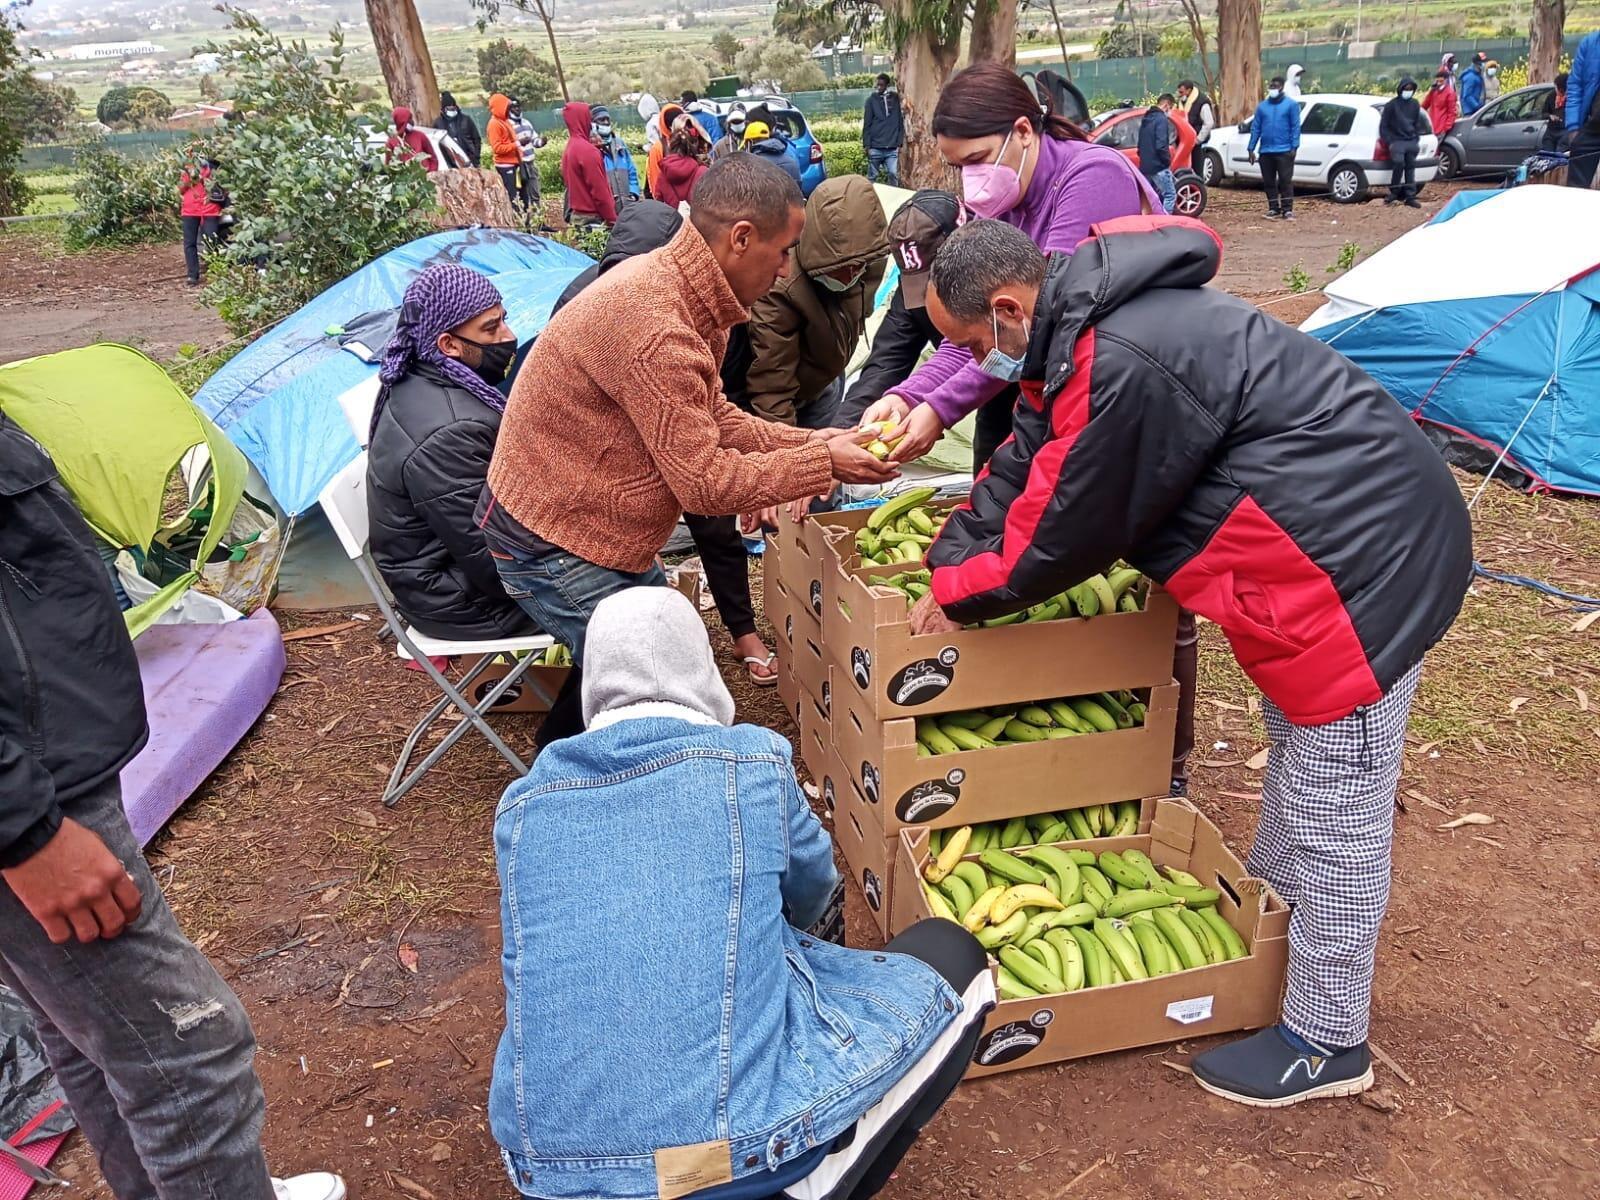 L'Assemblée d'aide aux migrants de Tenerife apporte de la nourriture aux migrants de Las Raices.